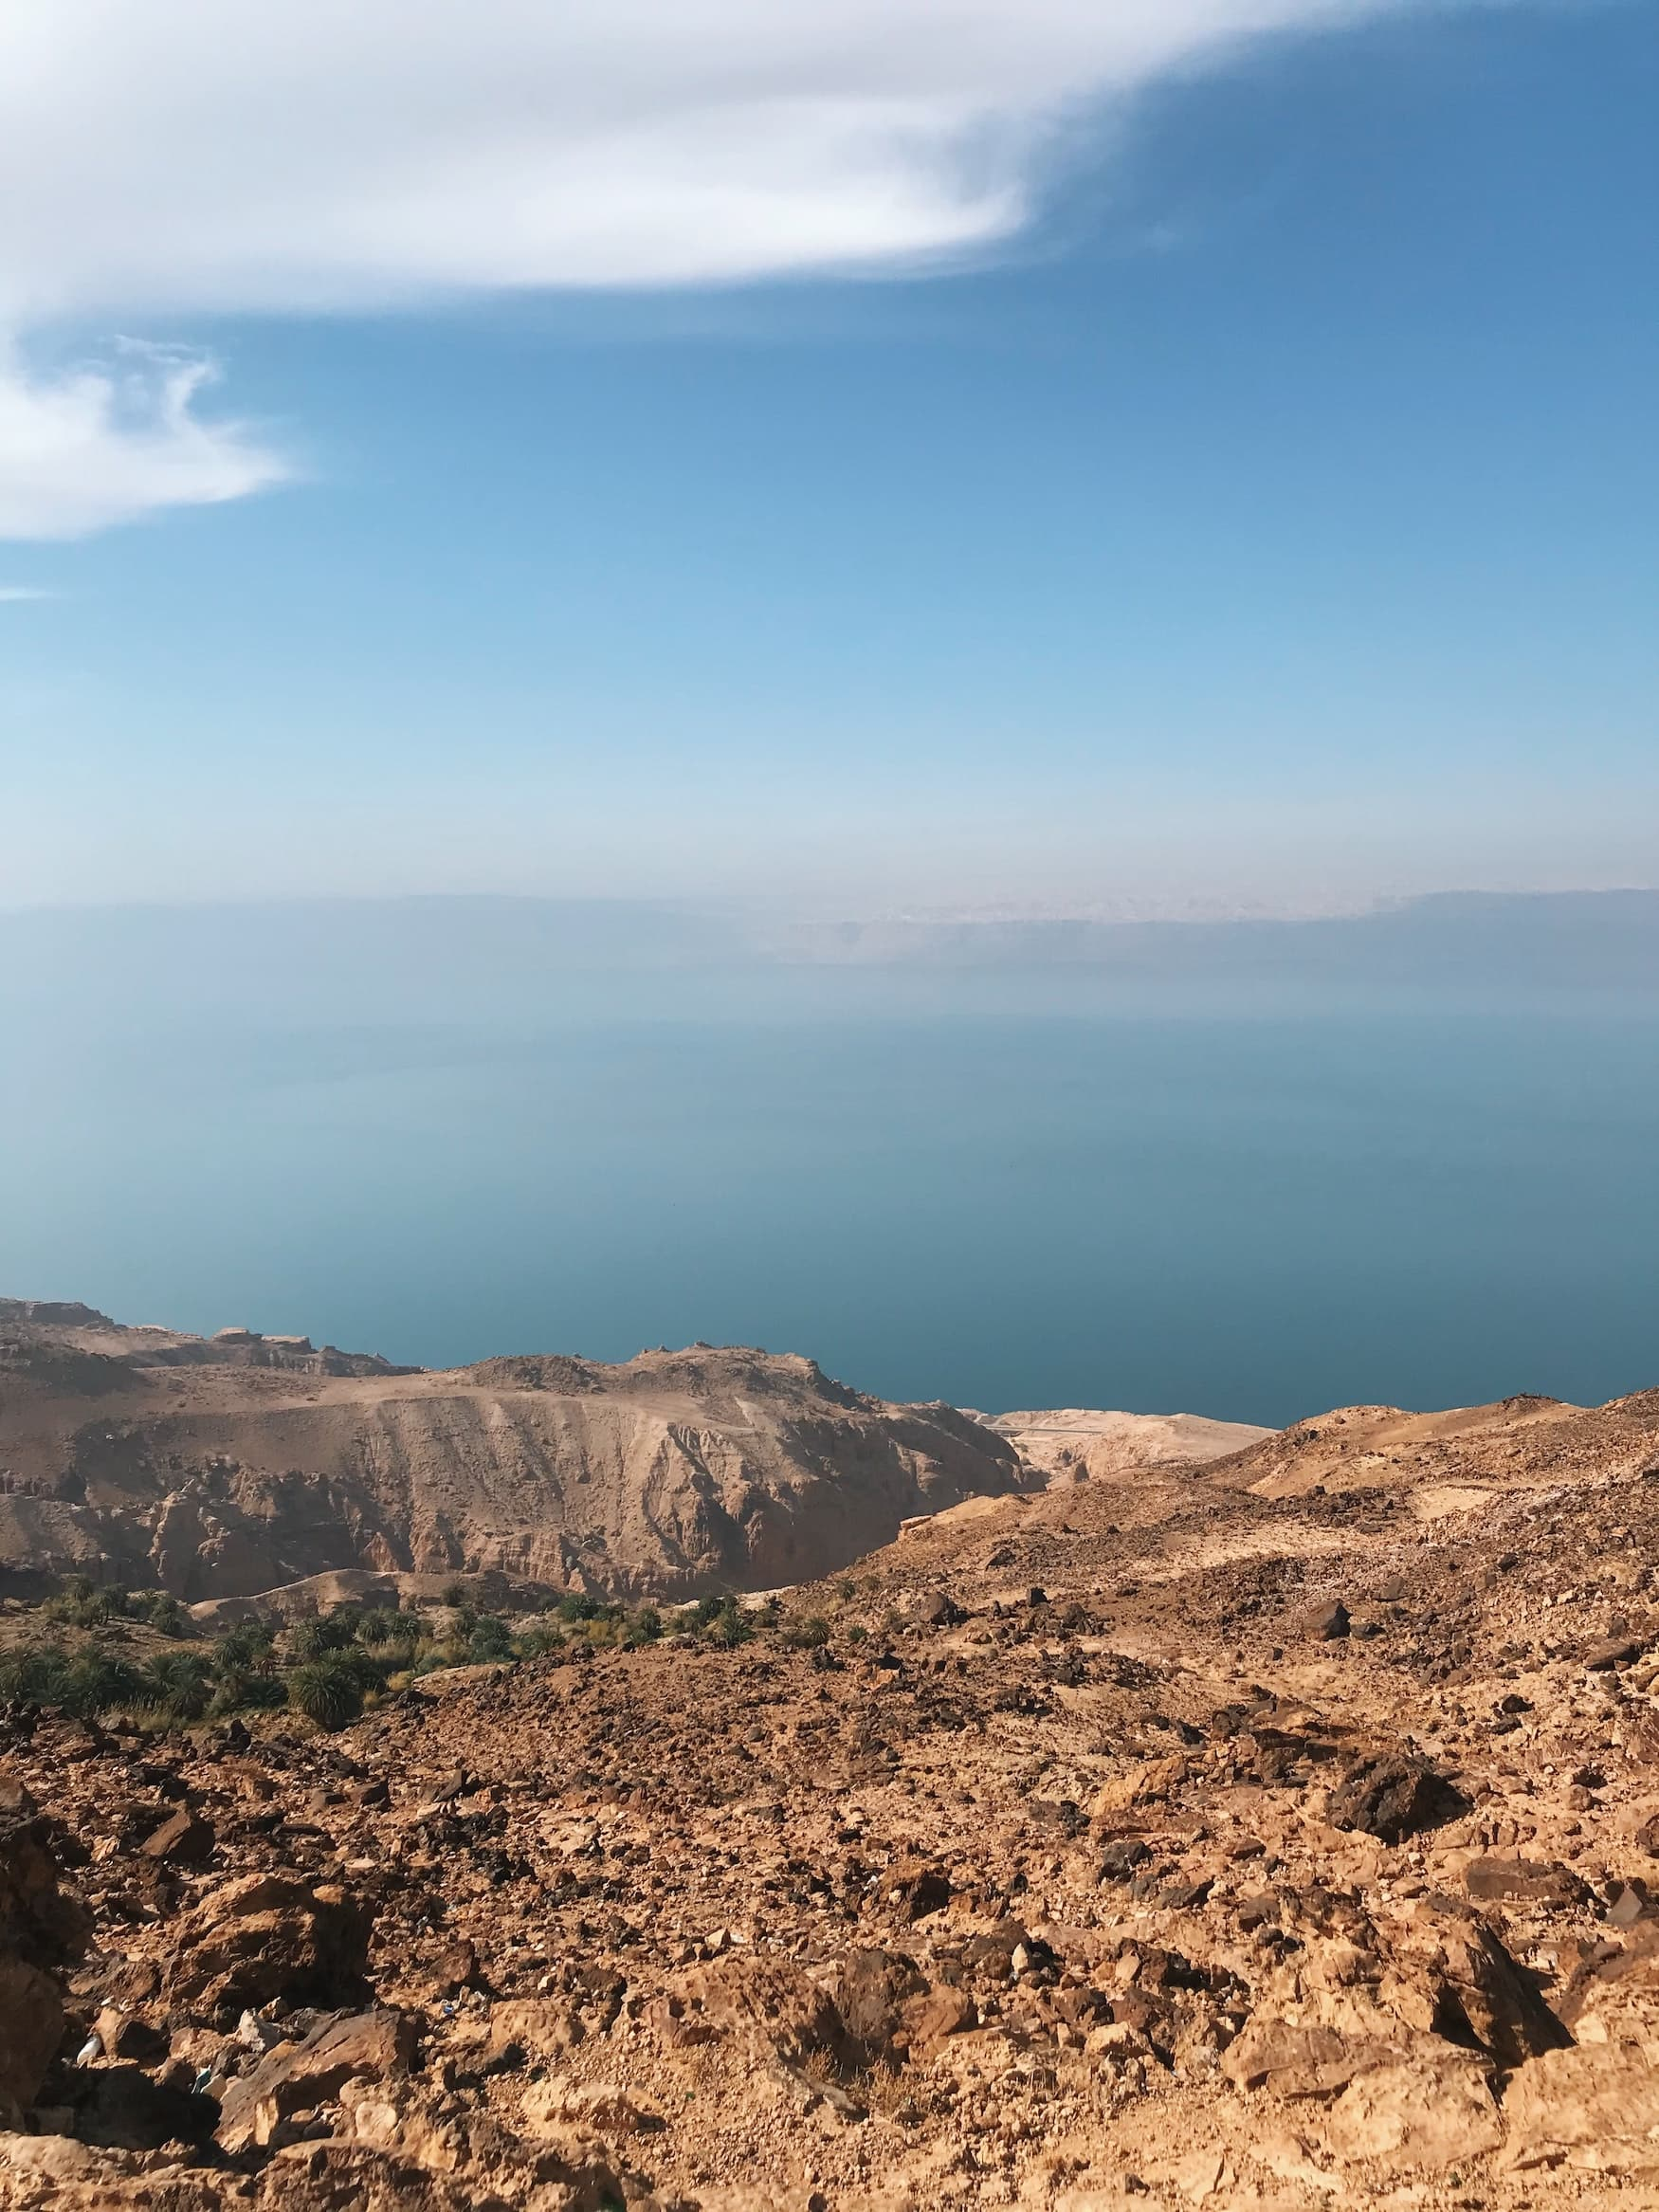 Im Vordergrund ine trockene, schroffe Landschaft und im Hintergrund kann man das türkisfarbene Wasser des Toten Meers erahnen